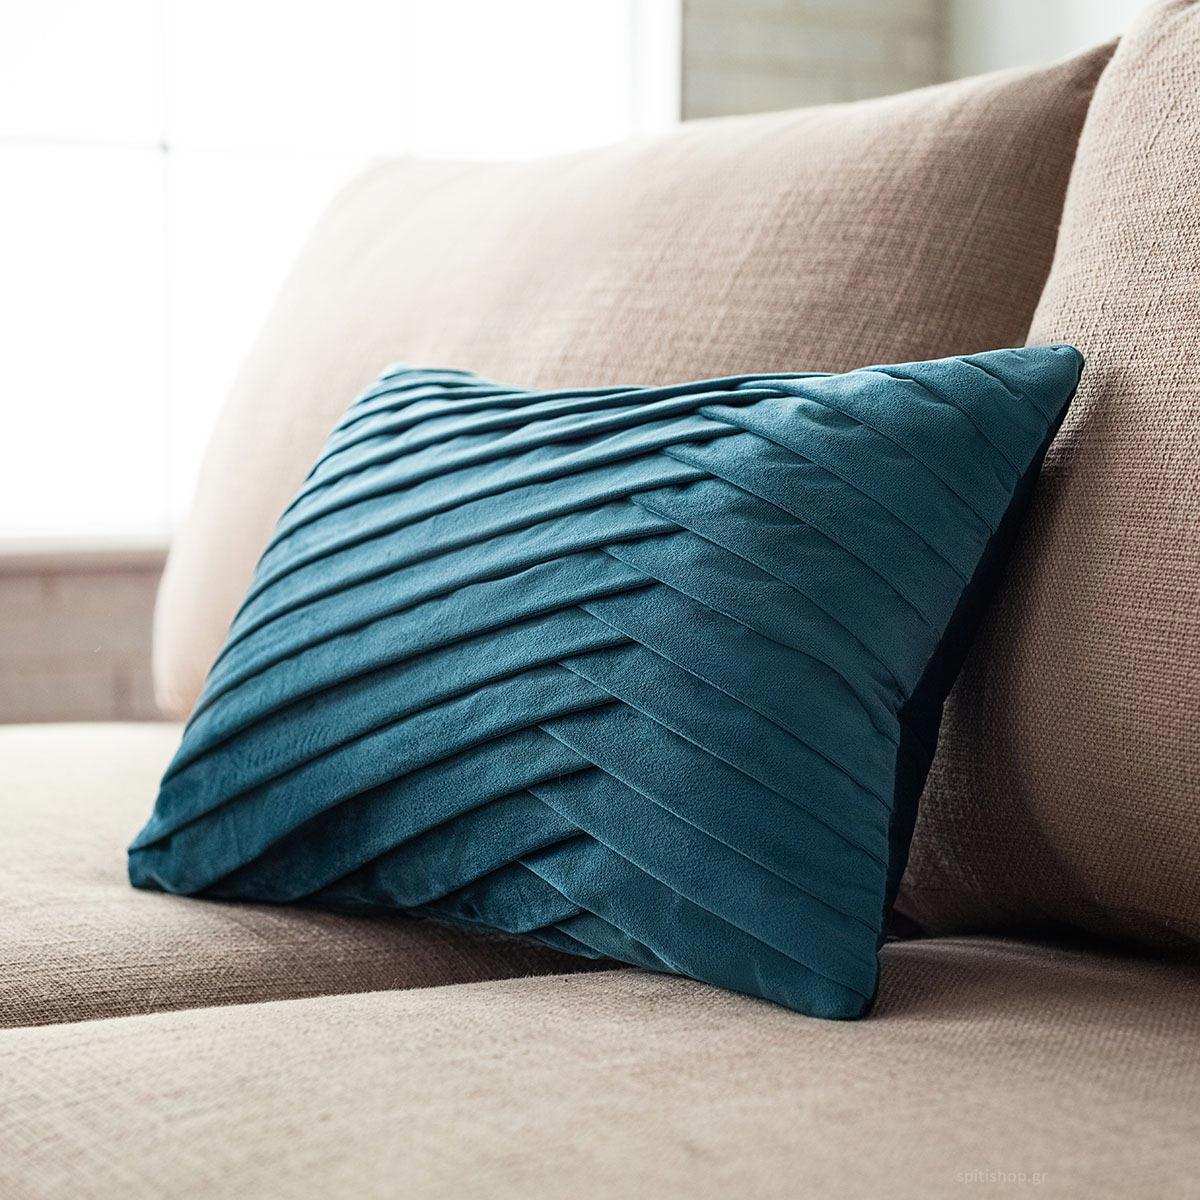 Διακοσμητική Μαξιλαροθήκη (30x45) Gofis Home Milena Blue 635/09